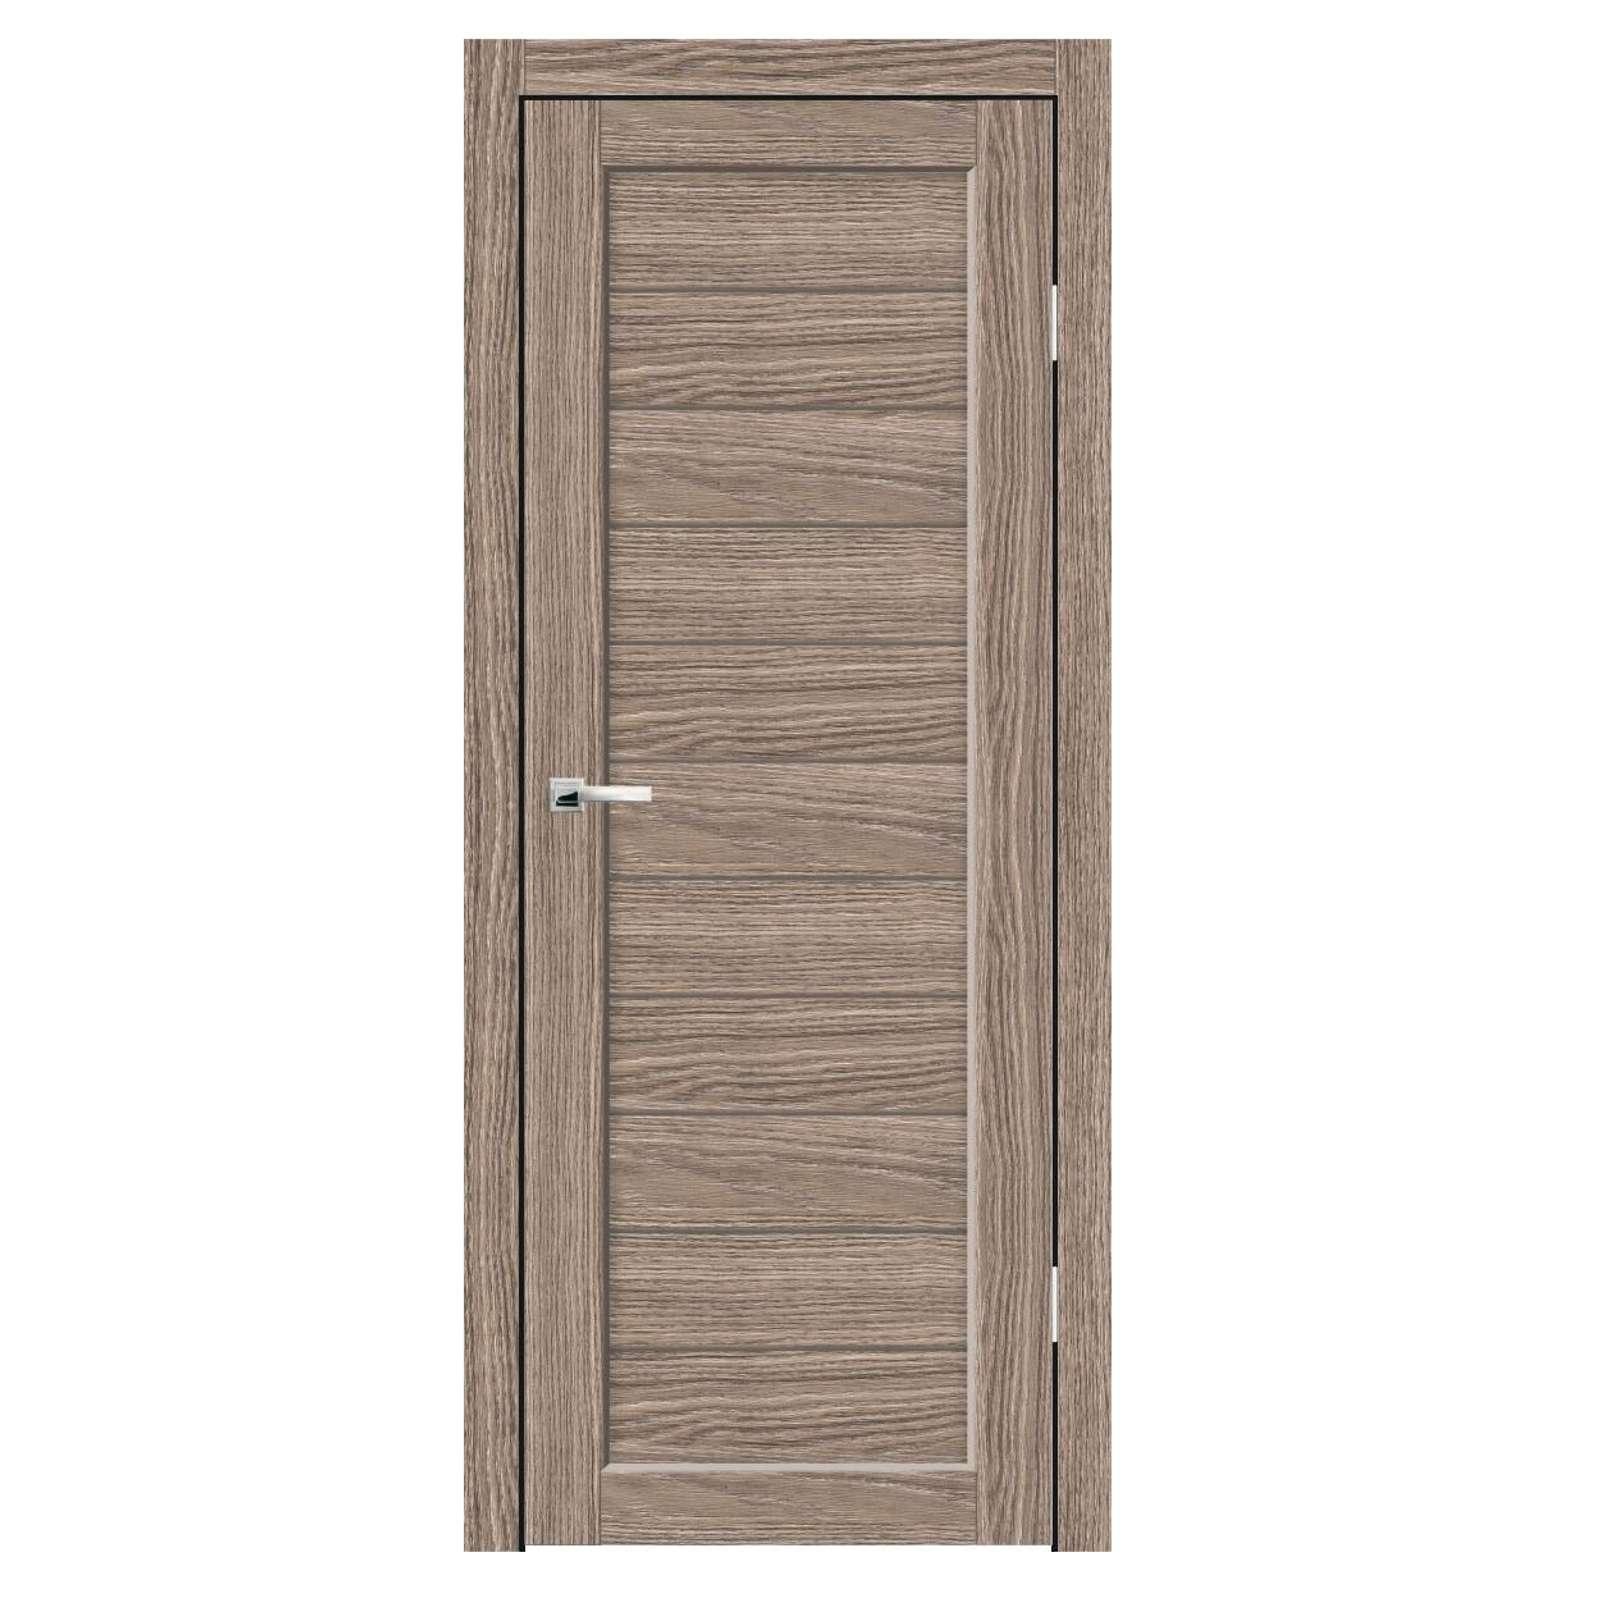 Дверное полотно Синержи Легро, Ель, ПДГ 700Х2000ММ